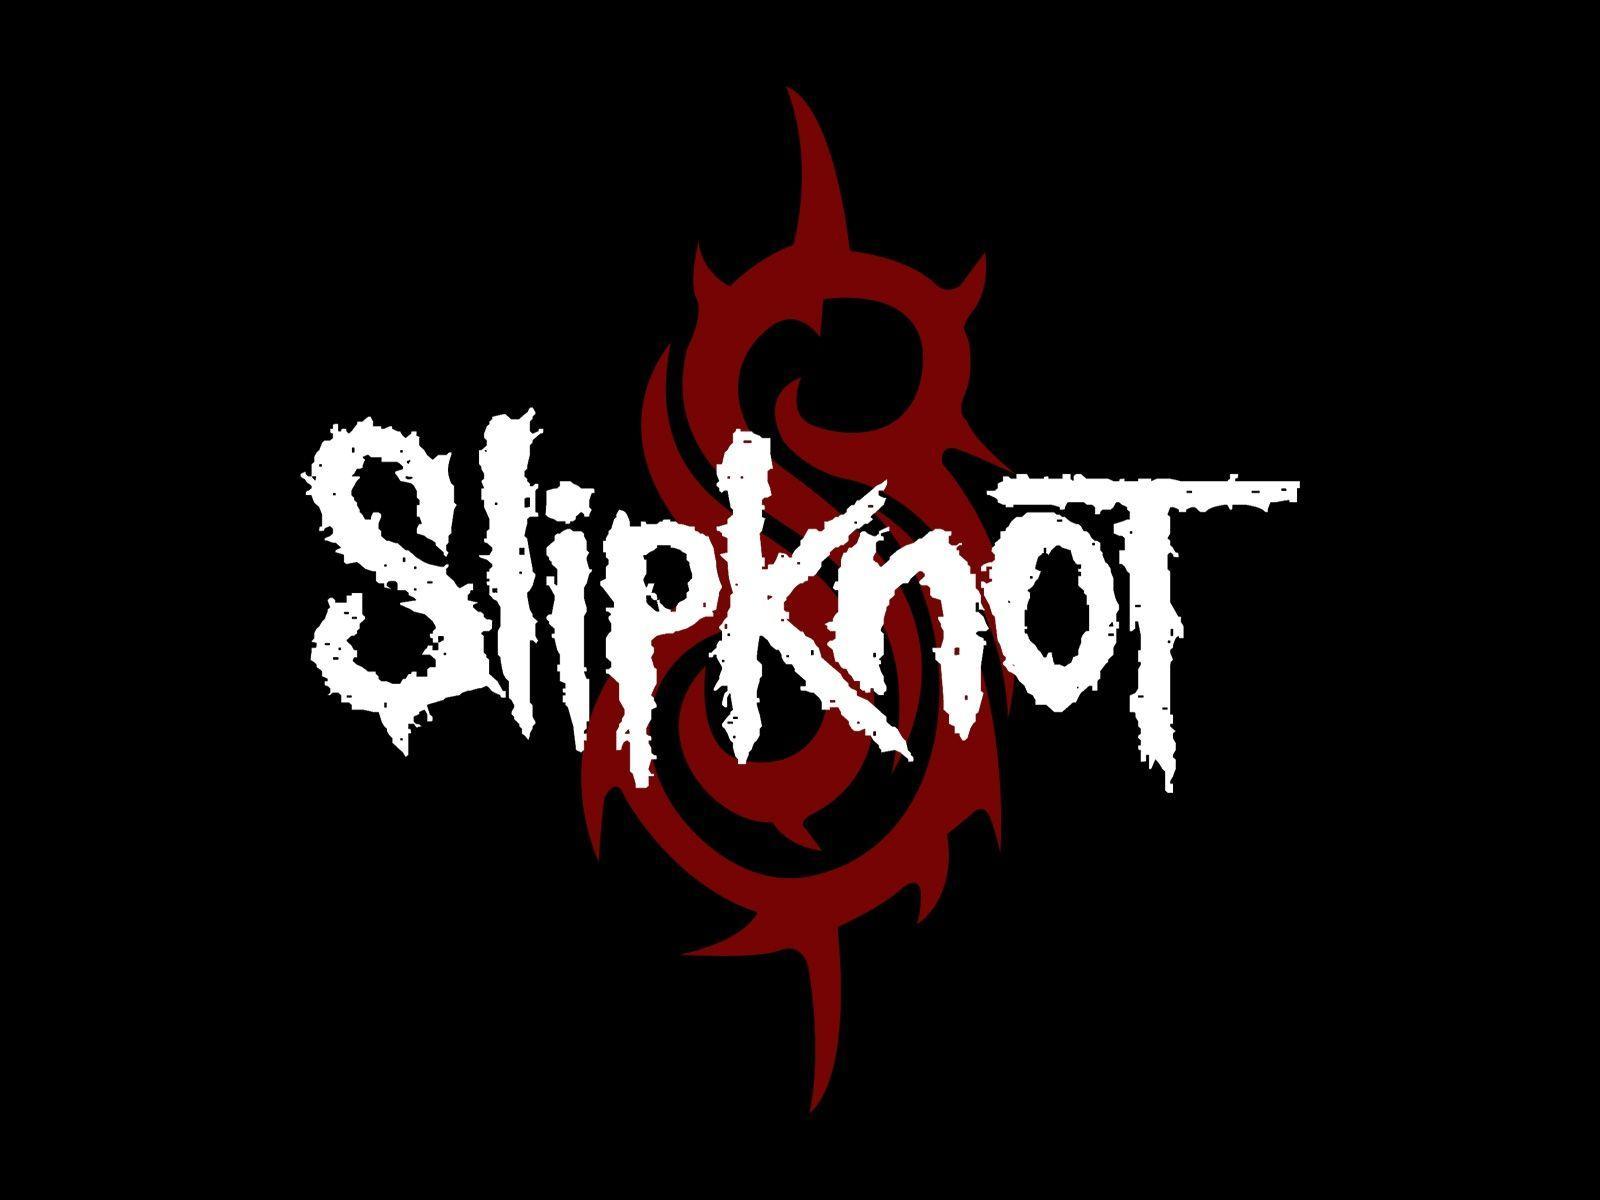 Most Inspiring Wallpaper Logo Slipknot - rN36asC  Trends_333518.jpg